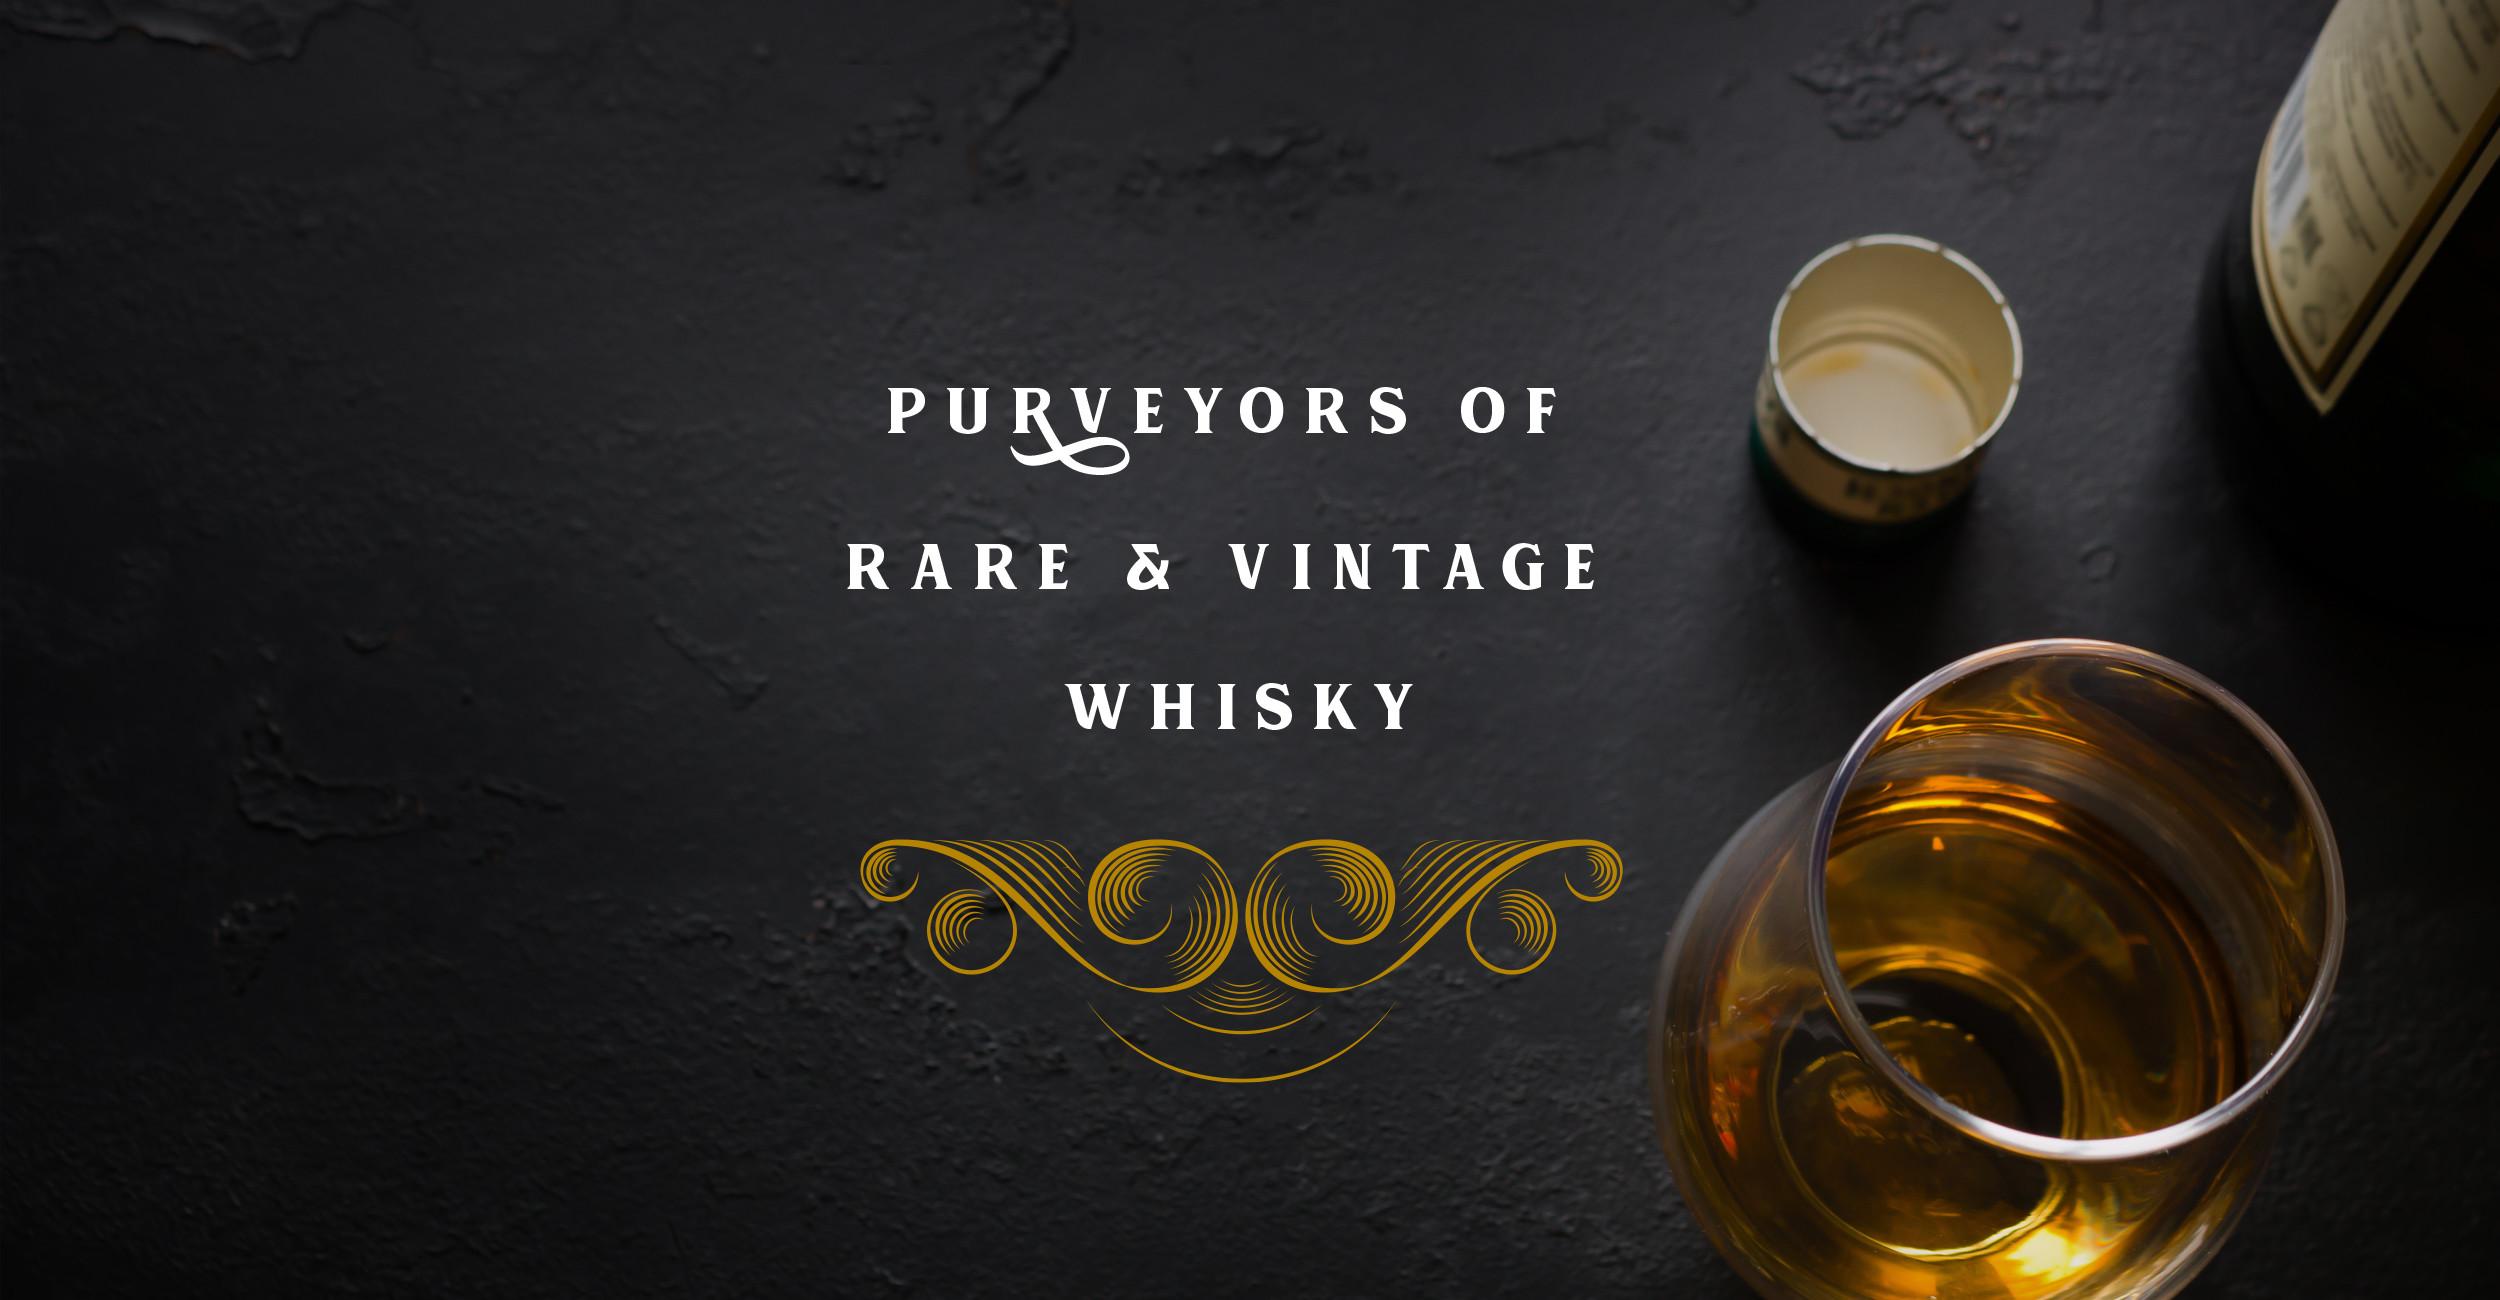 Dunecht Whisky